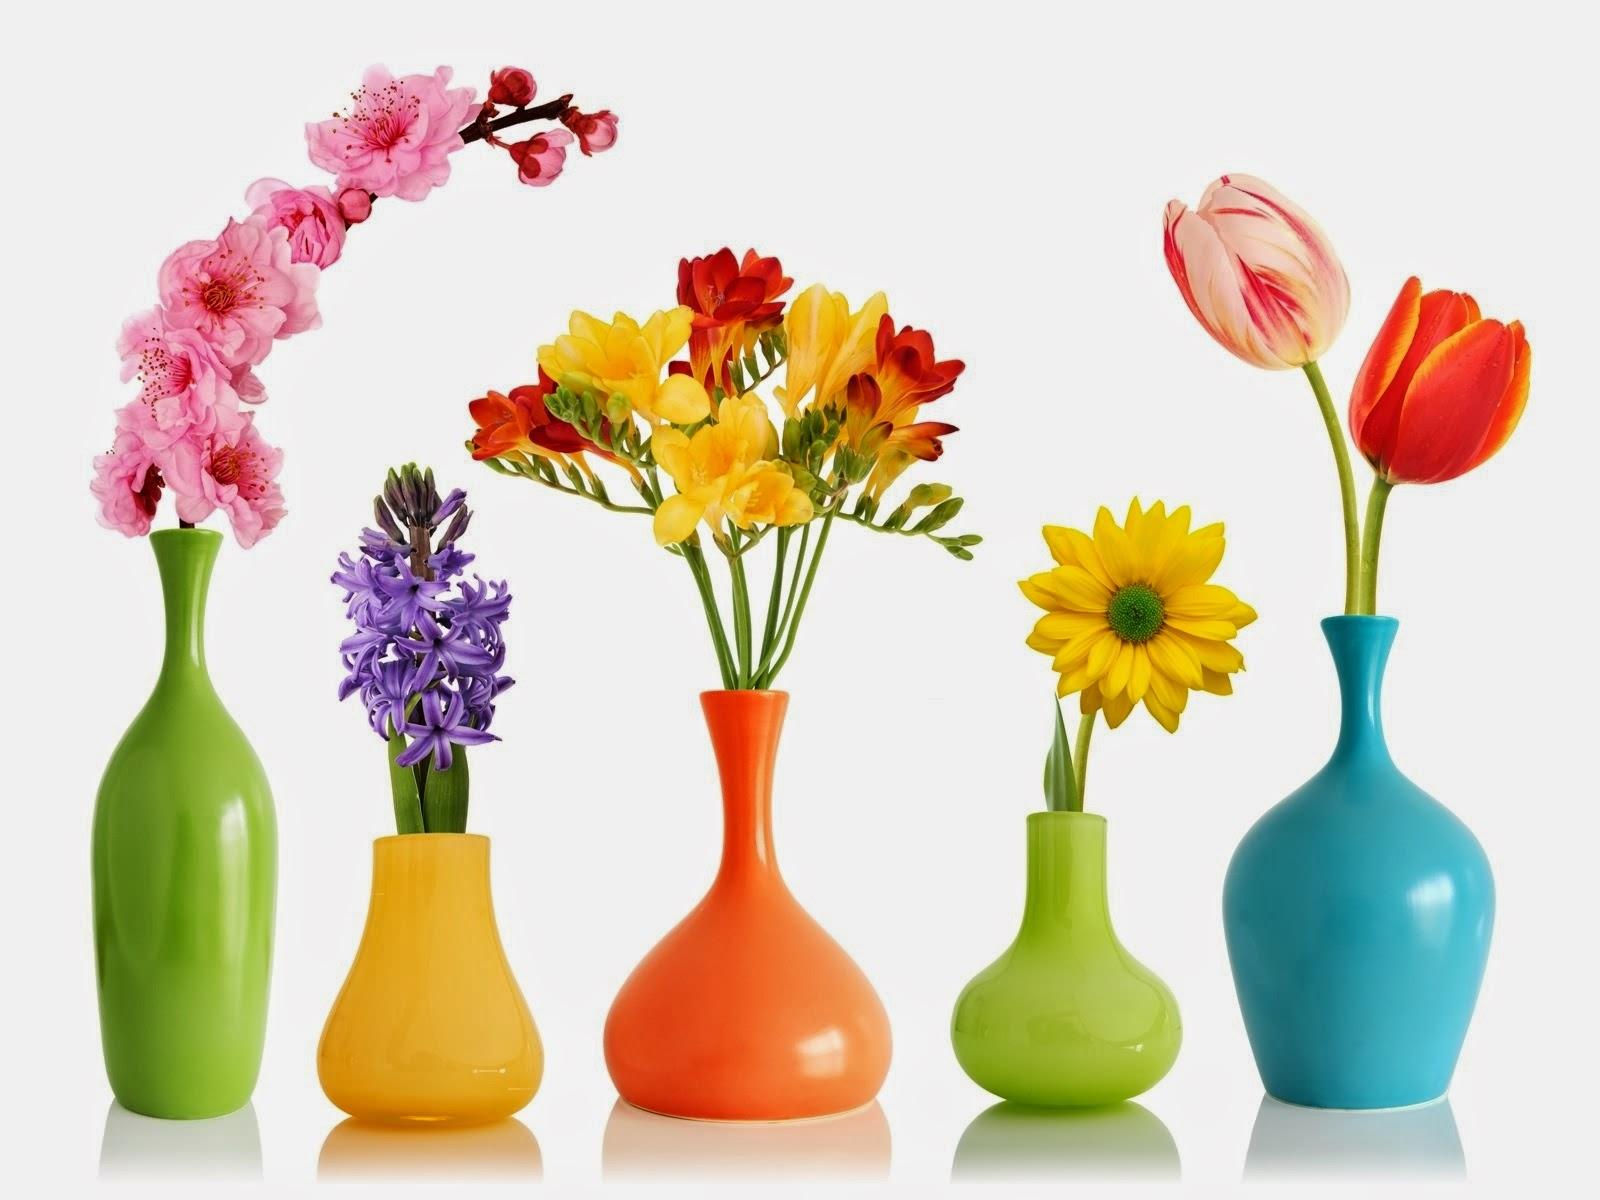 إختيار مزهرية مناسبة